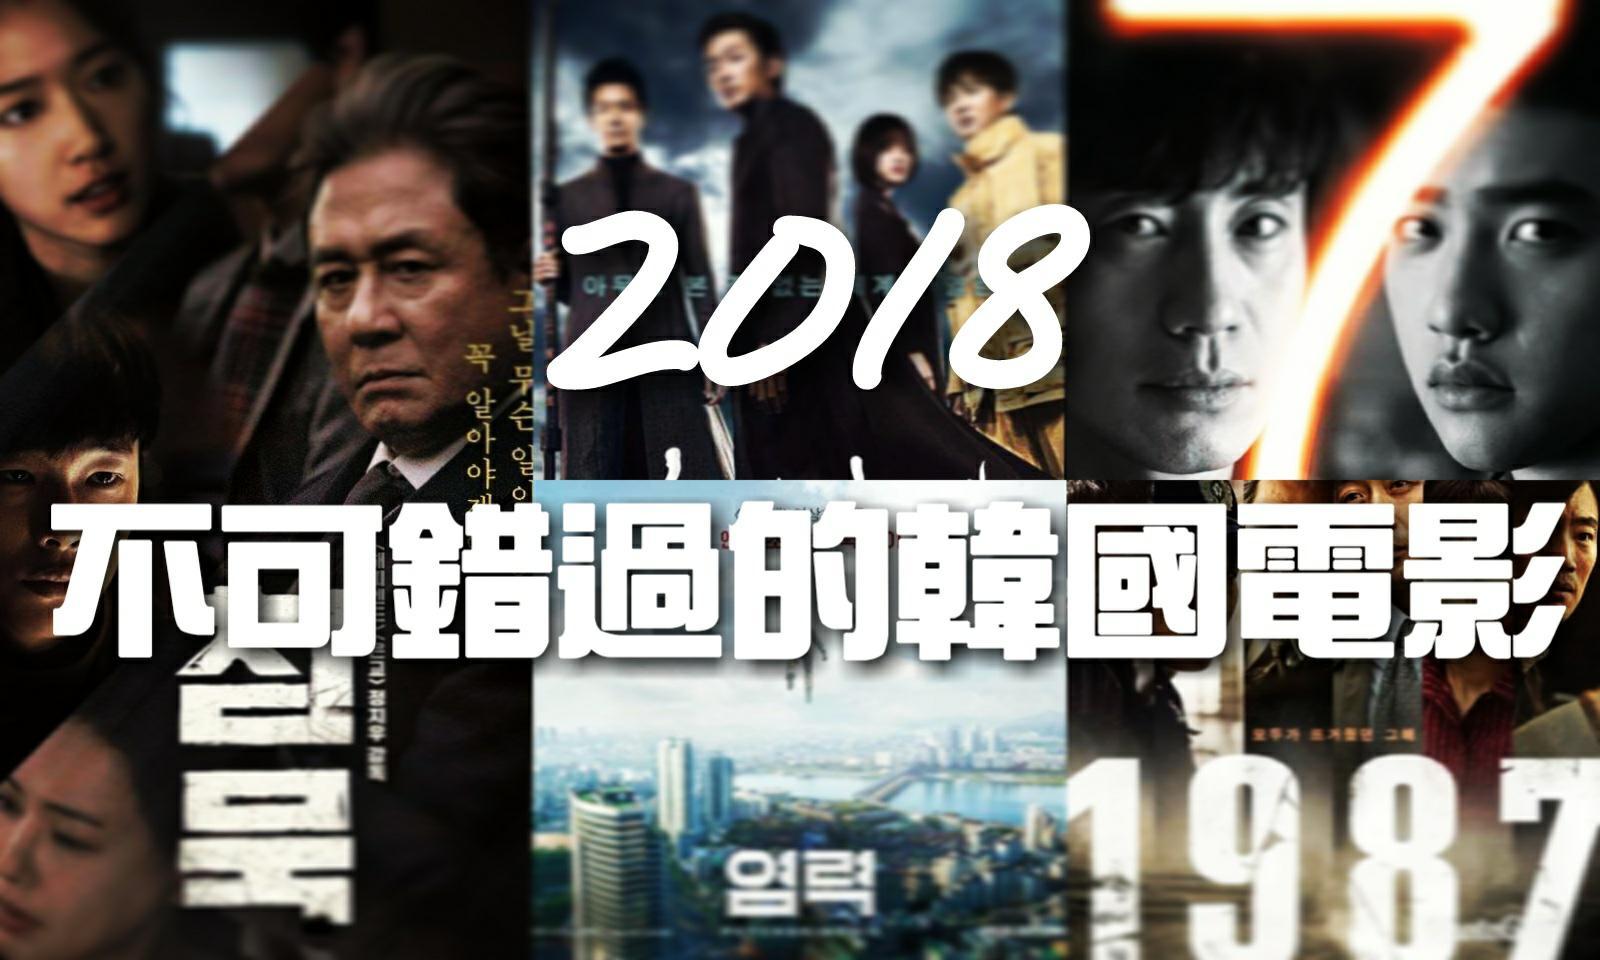 [韓國電影] 誰說只有《與神同行》好看的  韓國即將上映電影照樣吸引你的眼球!!!